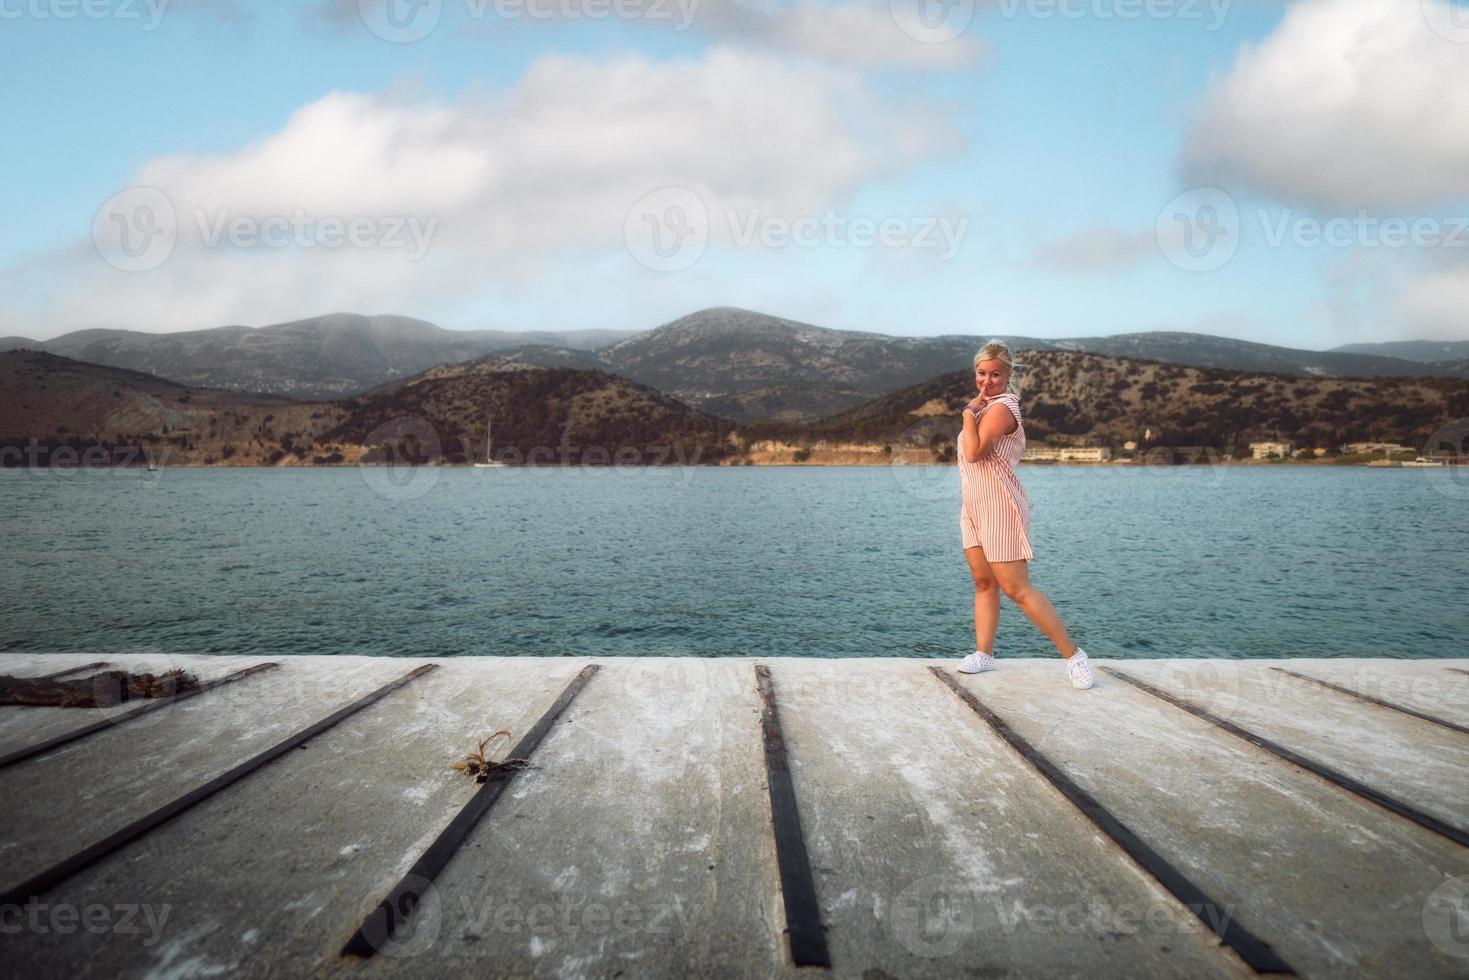 mujer rubia en vestido blanco de rayas rojas de pie en el muelle del barco al atardecer por la noche, sonriendo y mirando a la cámara. concepto de turismo. argostoli, cefalonia, grecia. foto